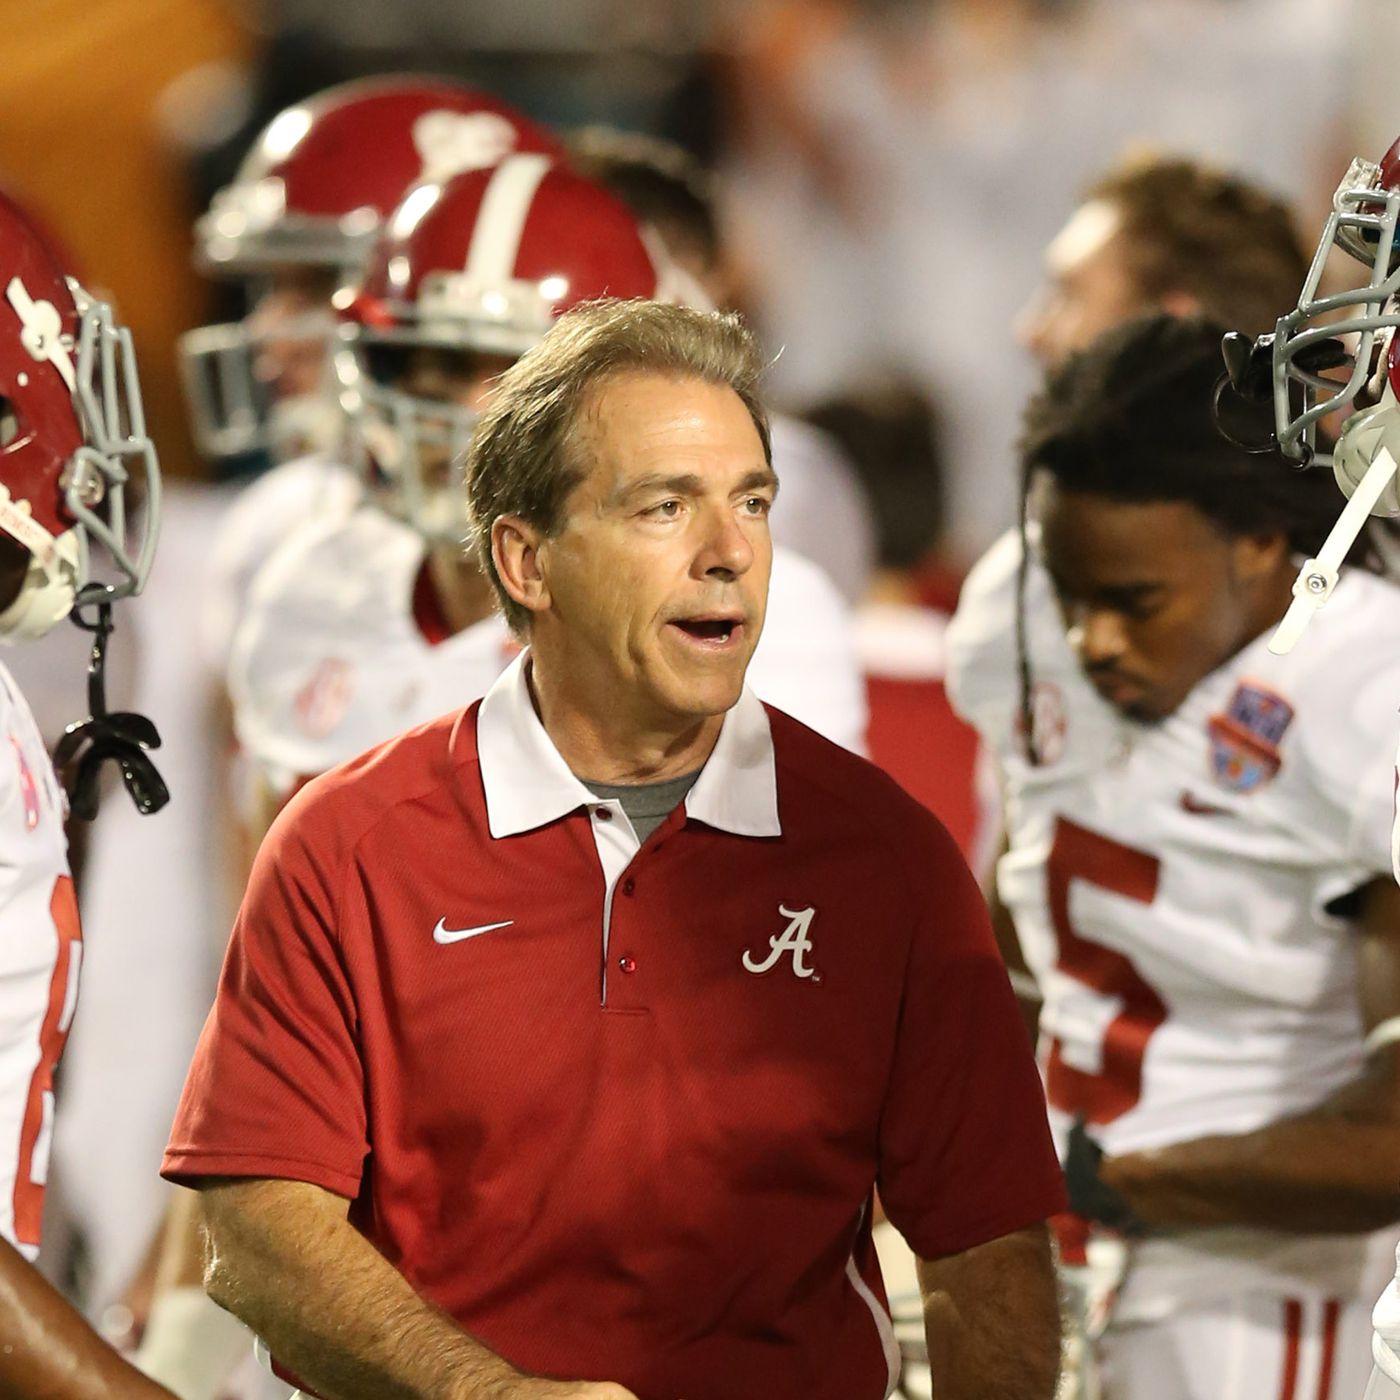 Alabama s NFL Draft success fuels more recruiting - SBNation.com e02e3d03c